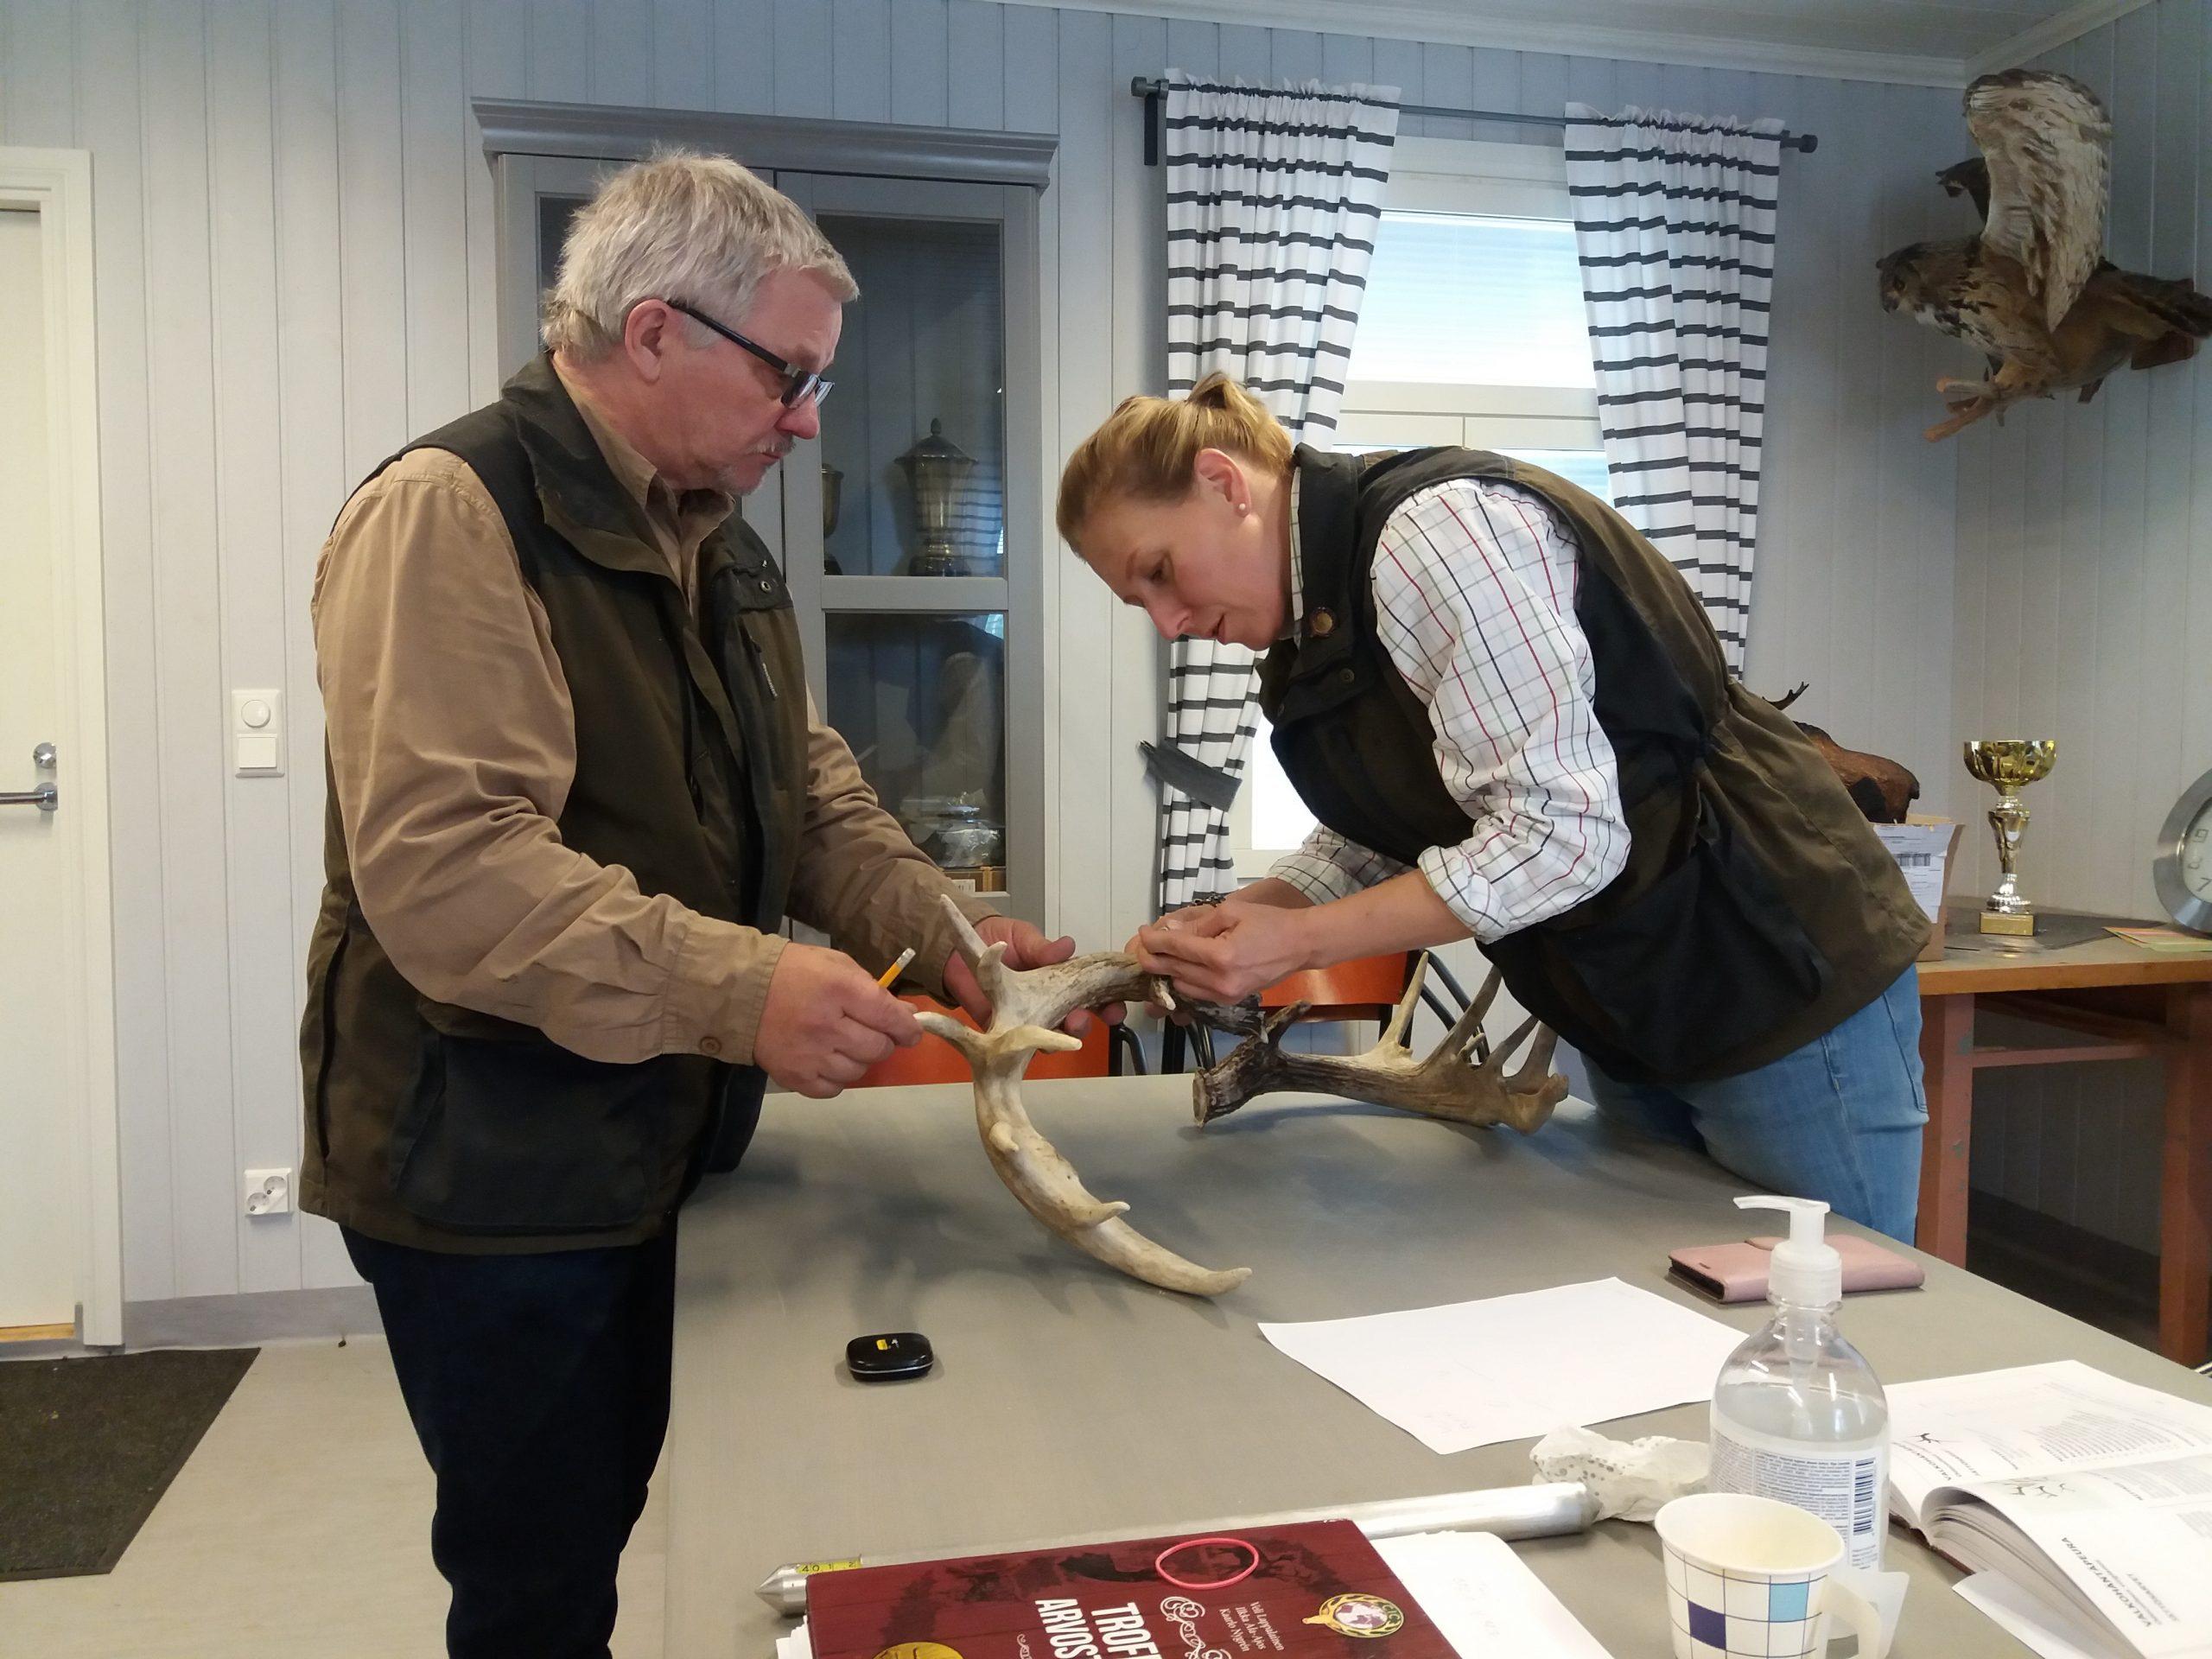 Kaksi henkilöä tutkimassa pöydän päällä olevaa suurta valkohäntäpeuran sarvea.